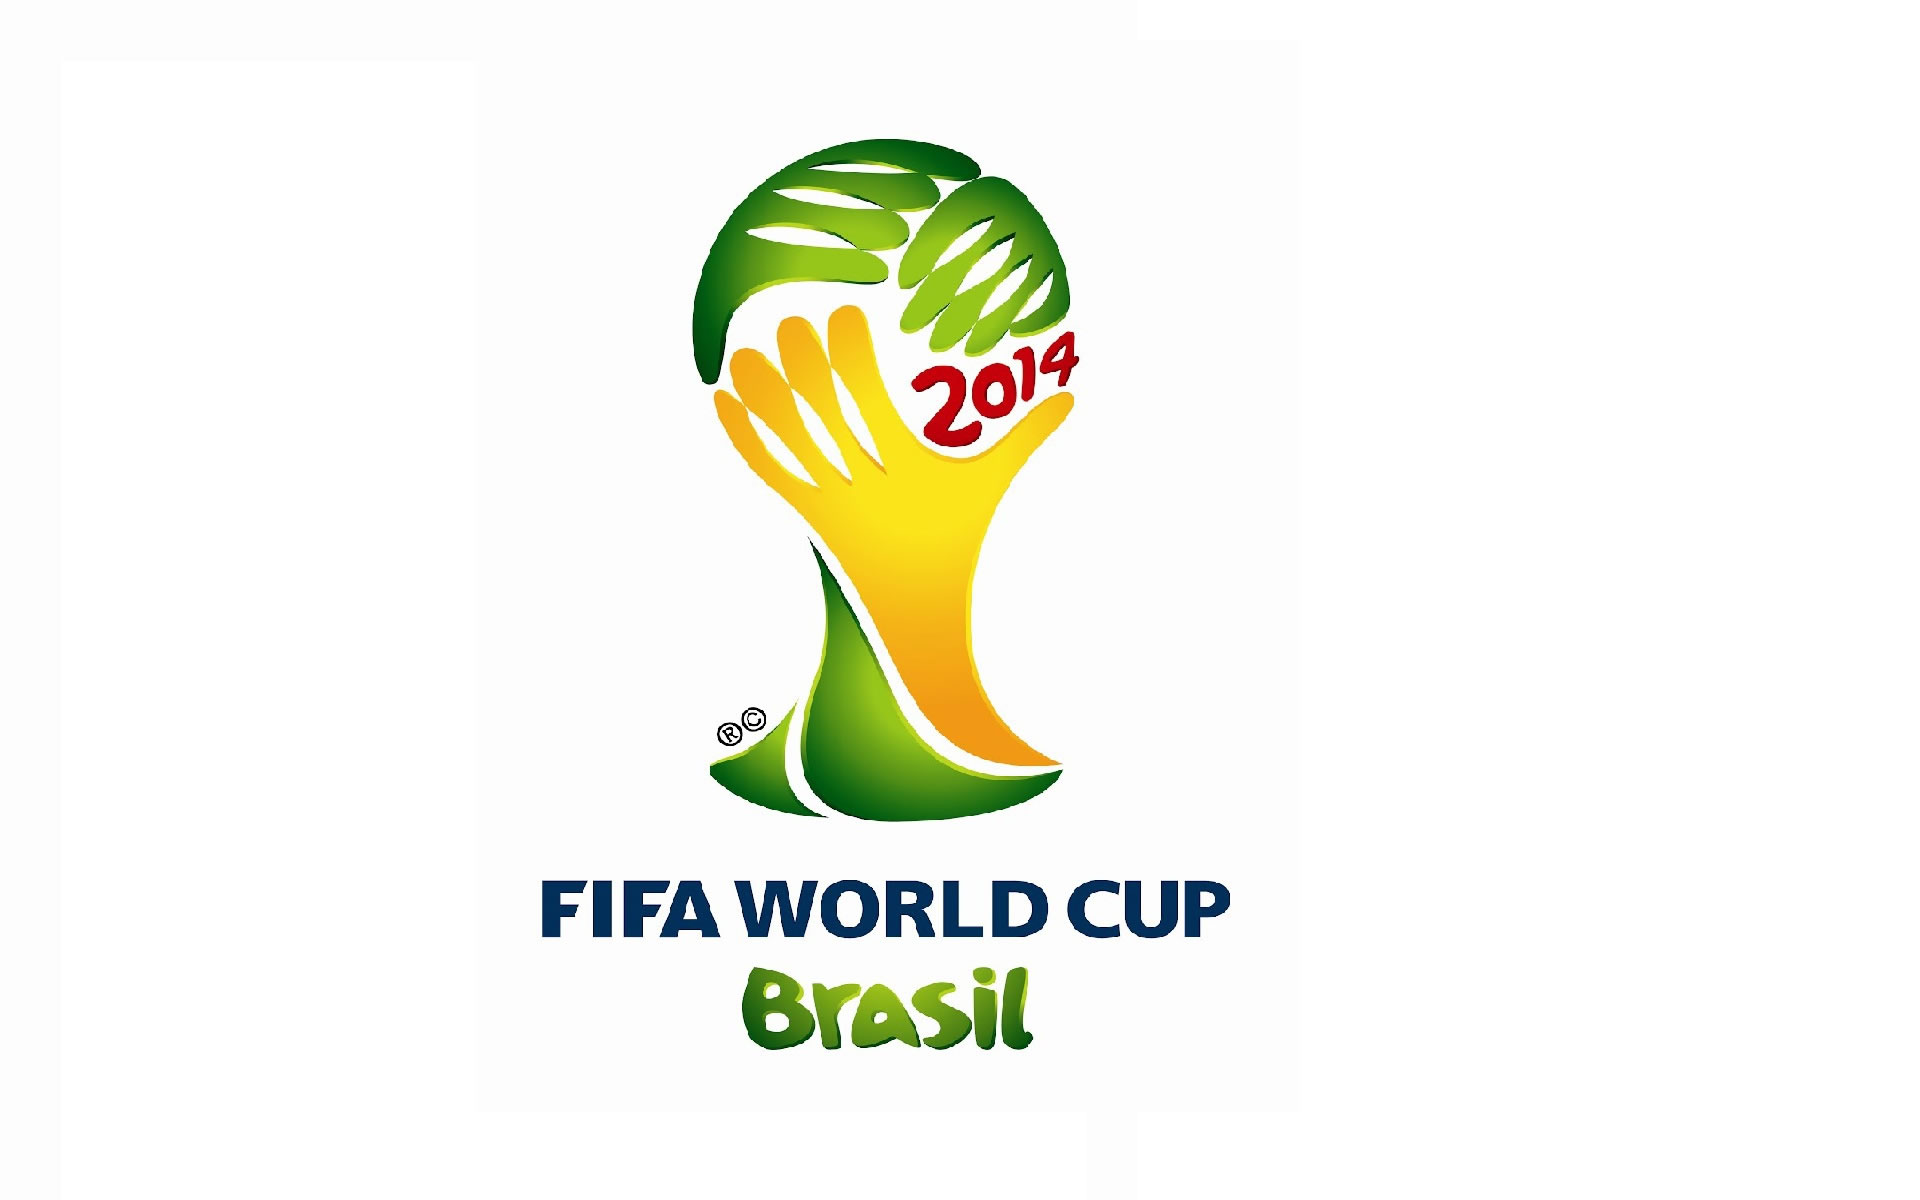 Copa del Mundo Brasil 2014 Wallpaper.